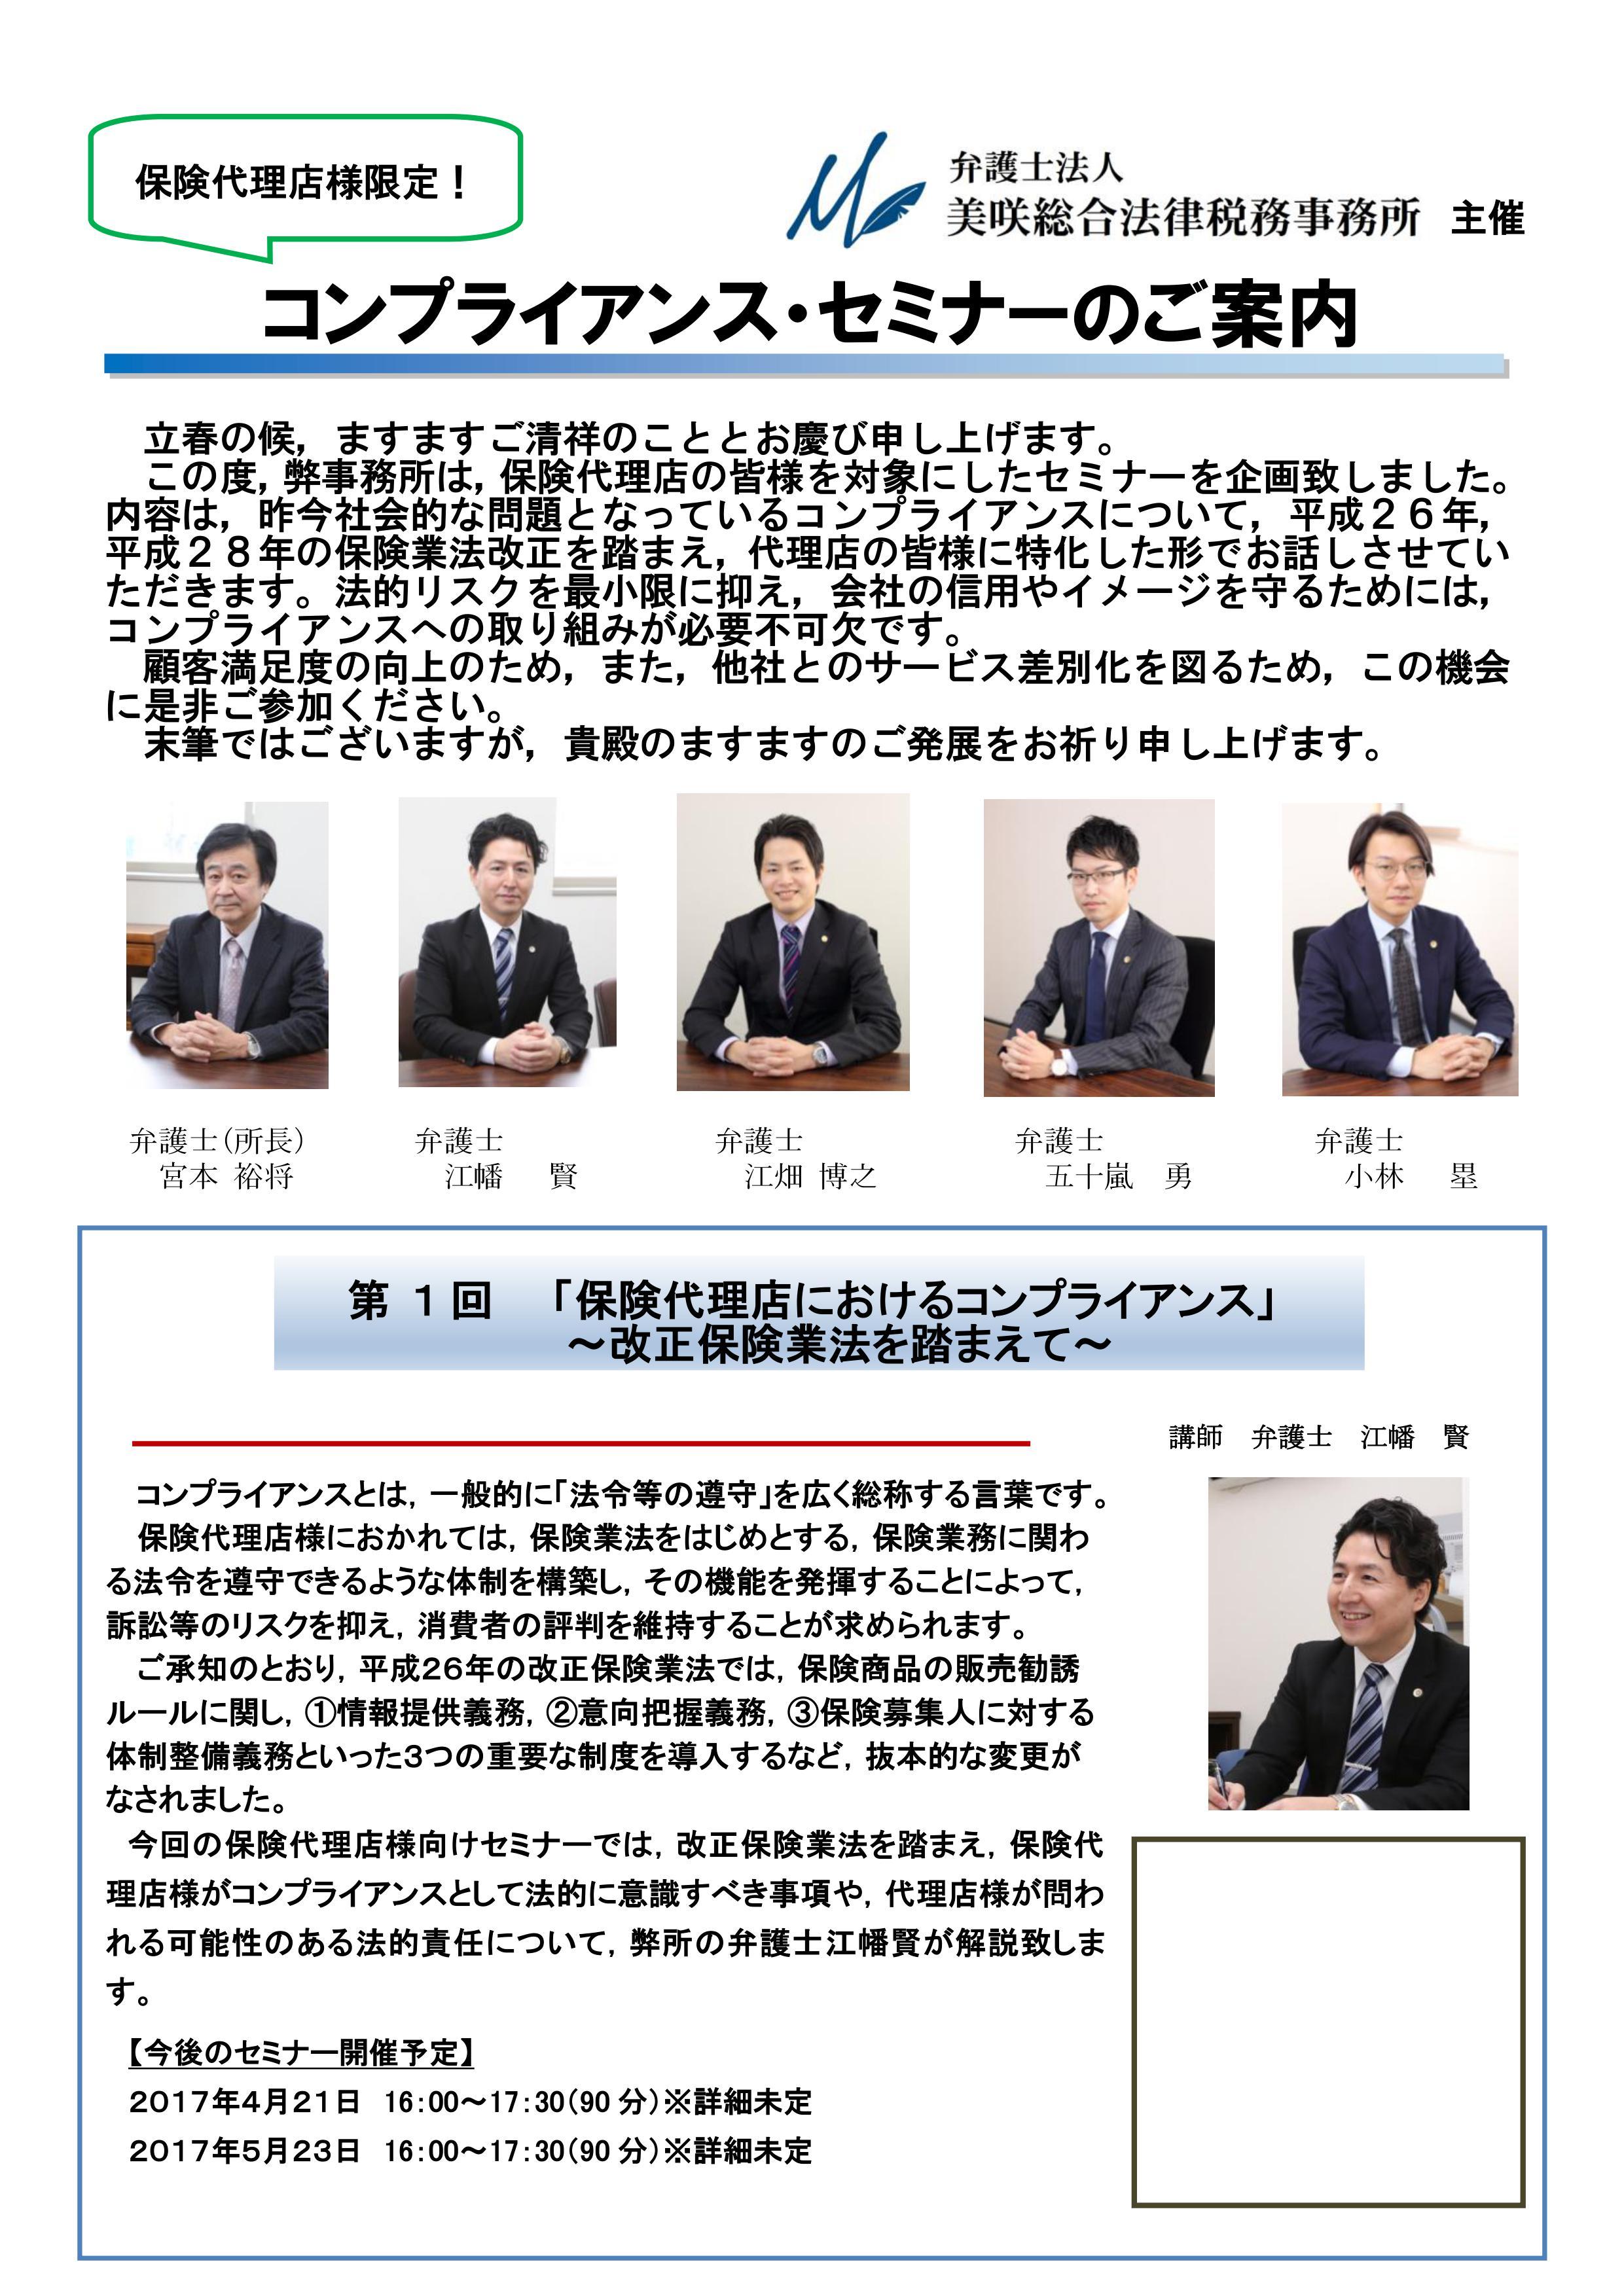 20170222代理店向けセミナー勉強会案内.jpg